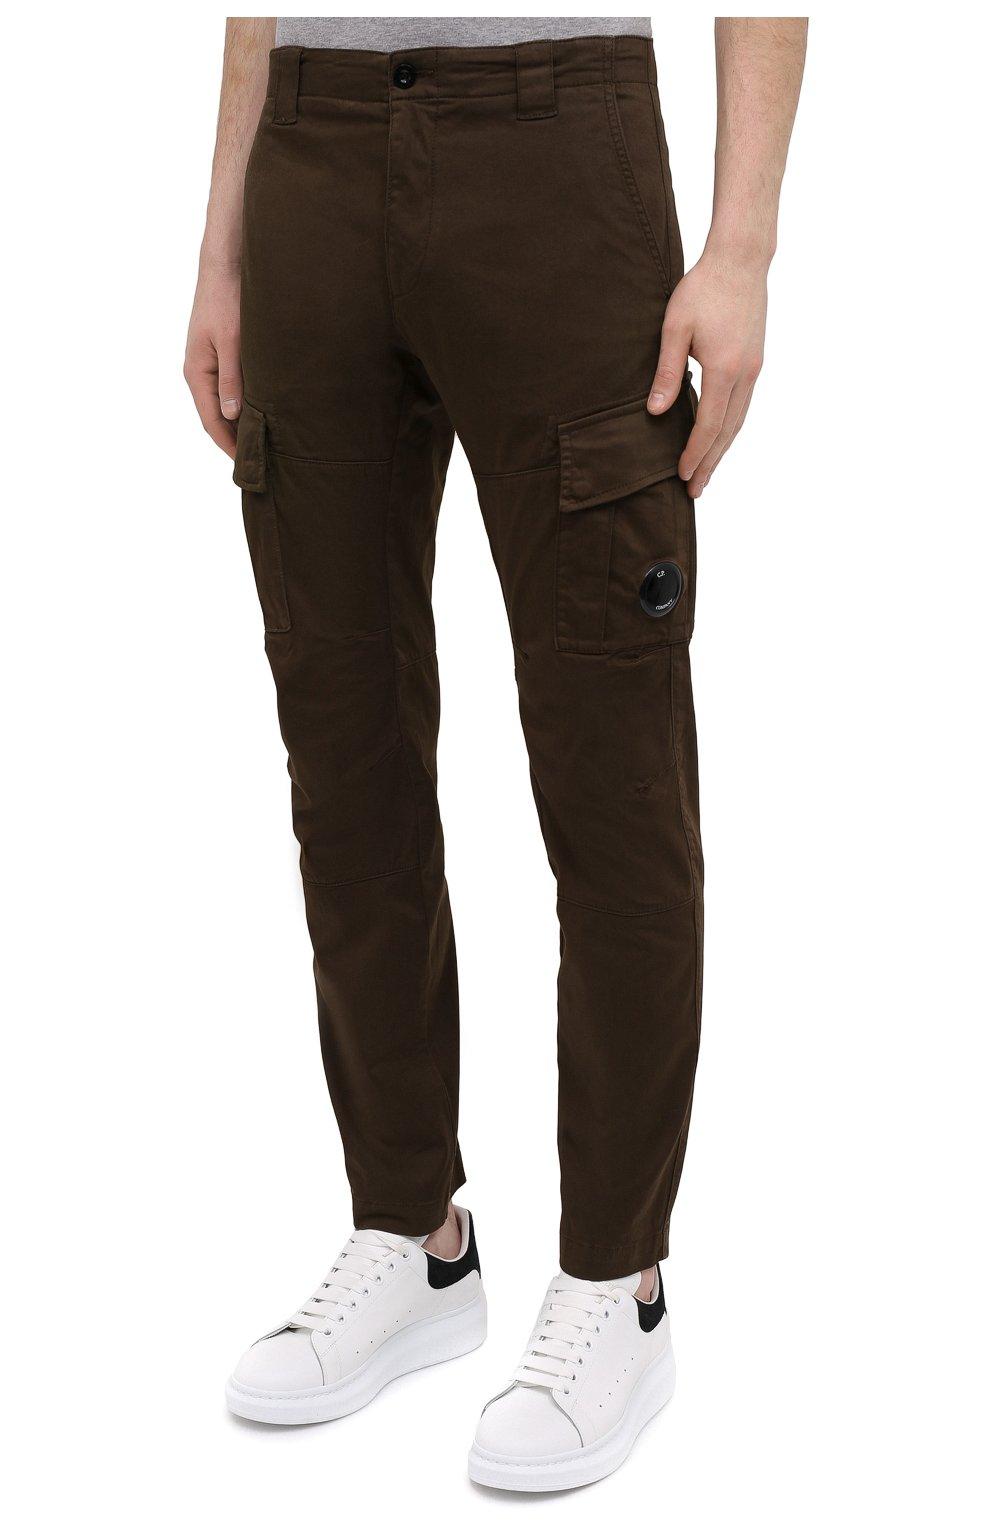 Мужские хлопковые брюки-карго C.P. COMPANY хаки цвета, арт. 10CMPA151A-005694G | Фото 3 (Силуэт М (брюки): Карго; Длина (брюки, джинсы): Стандартные; Случай: Повседневный; Стили: Гранж; Материал внешний: Хлопок)